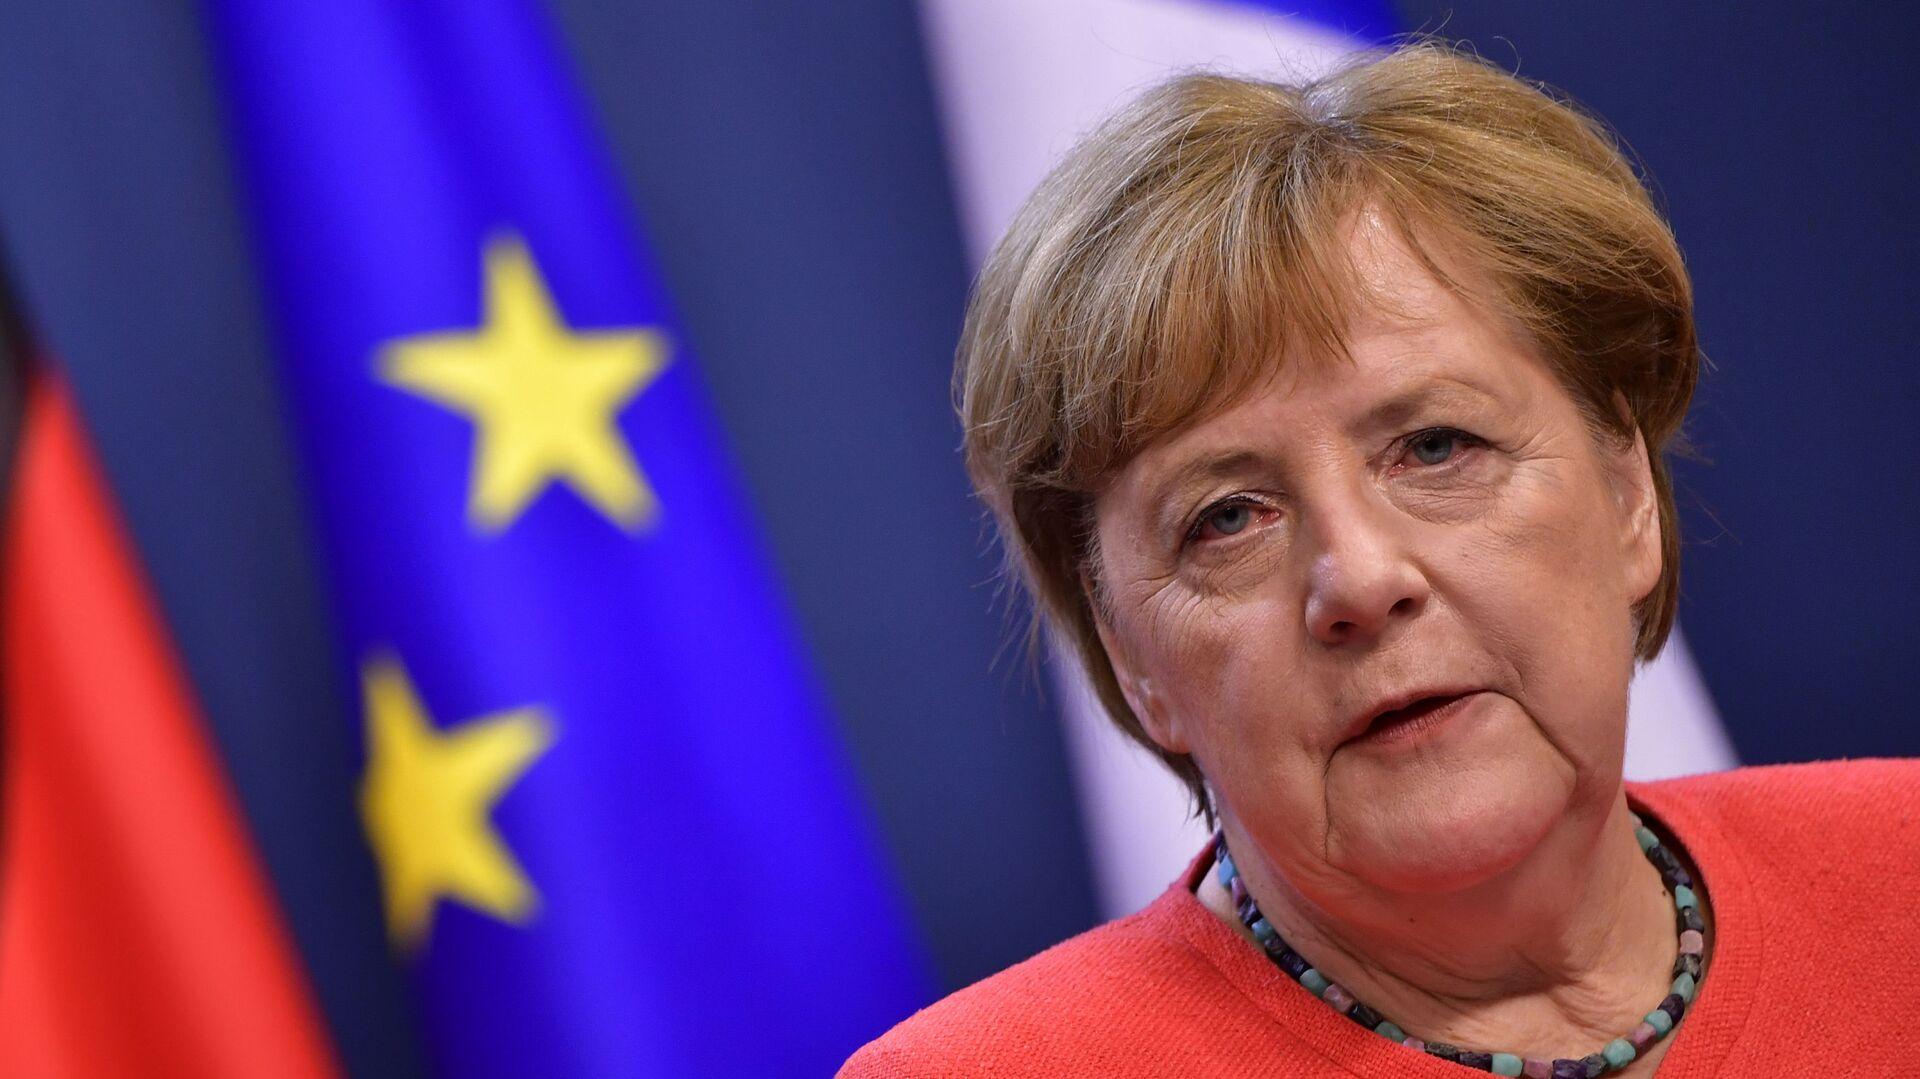 Německá kancléřka Angela Merkelová - Sputnik Česká republika, 1920, 25.05.2021